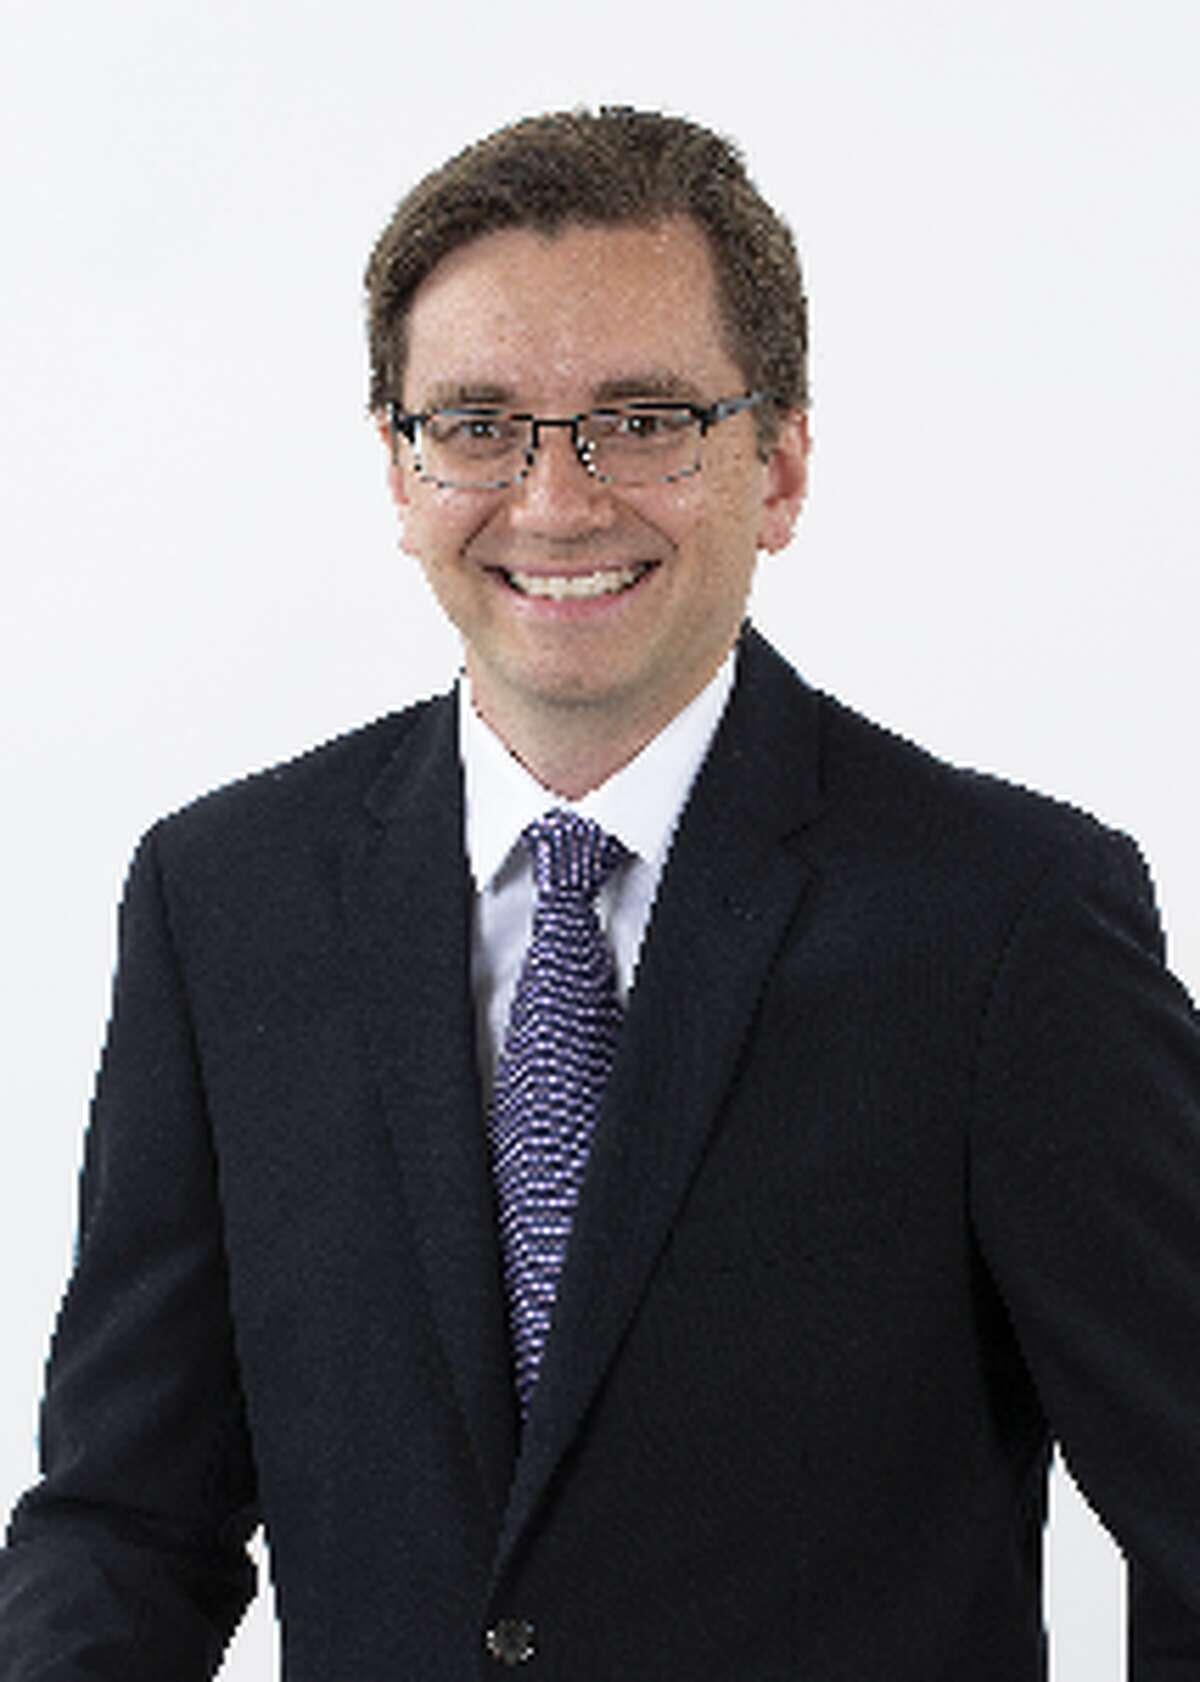 Richard Deecken